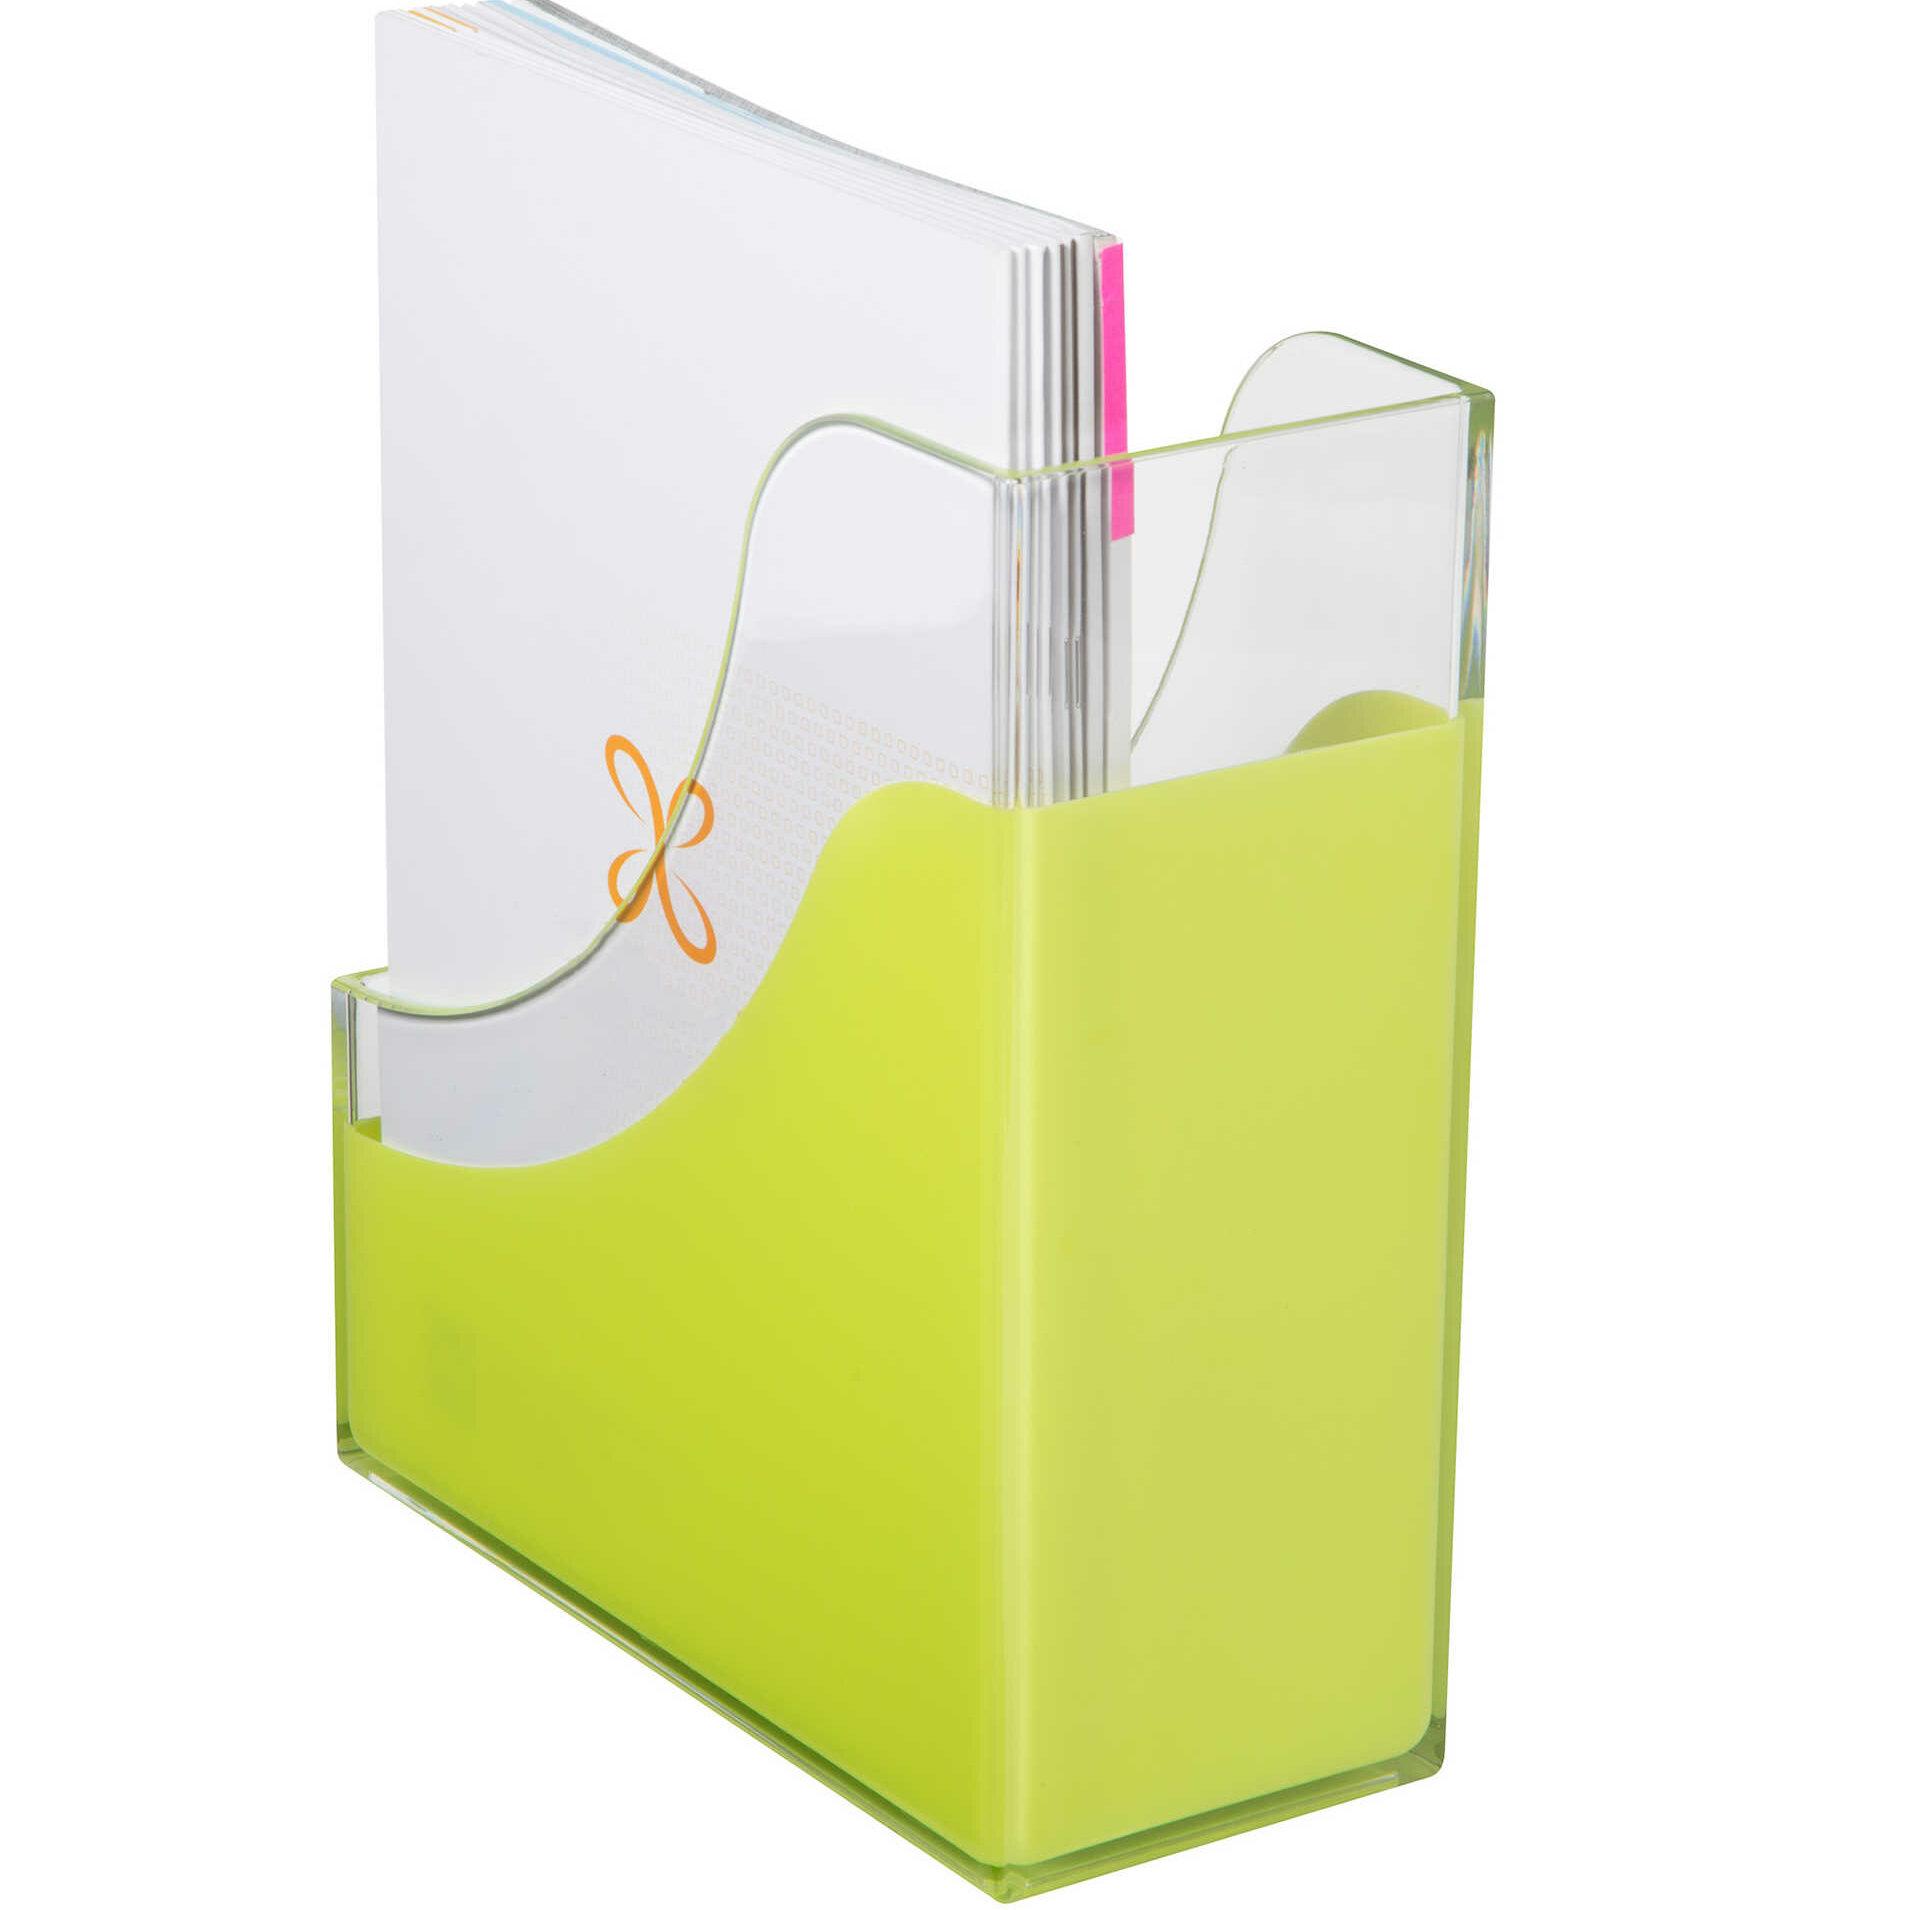 HomeCrate Desk Organizer Magazine File Holder   Wayfair